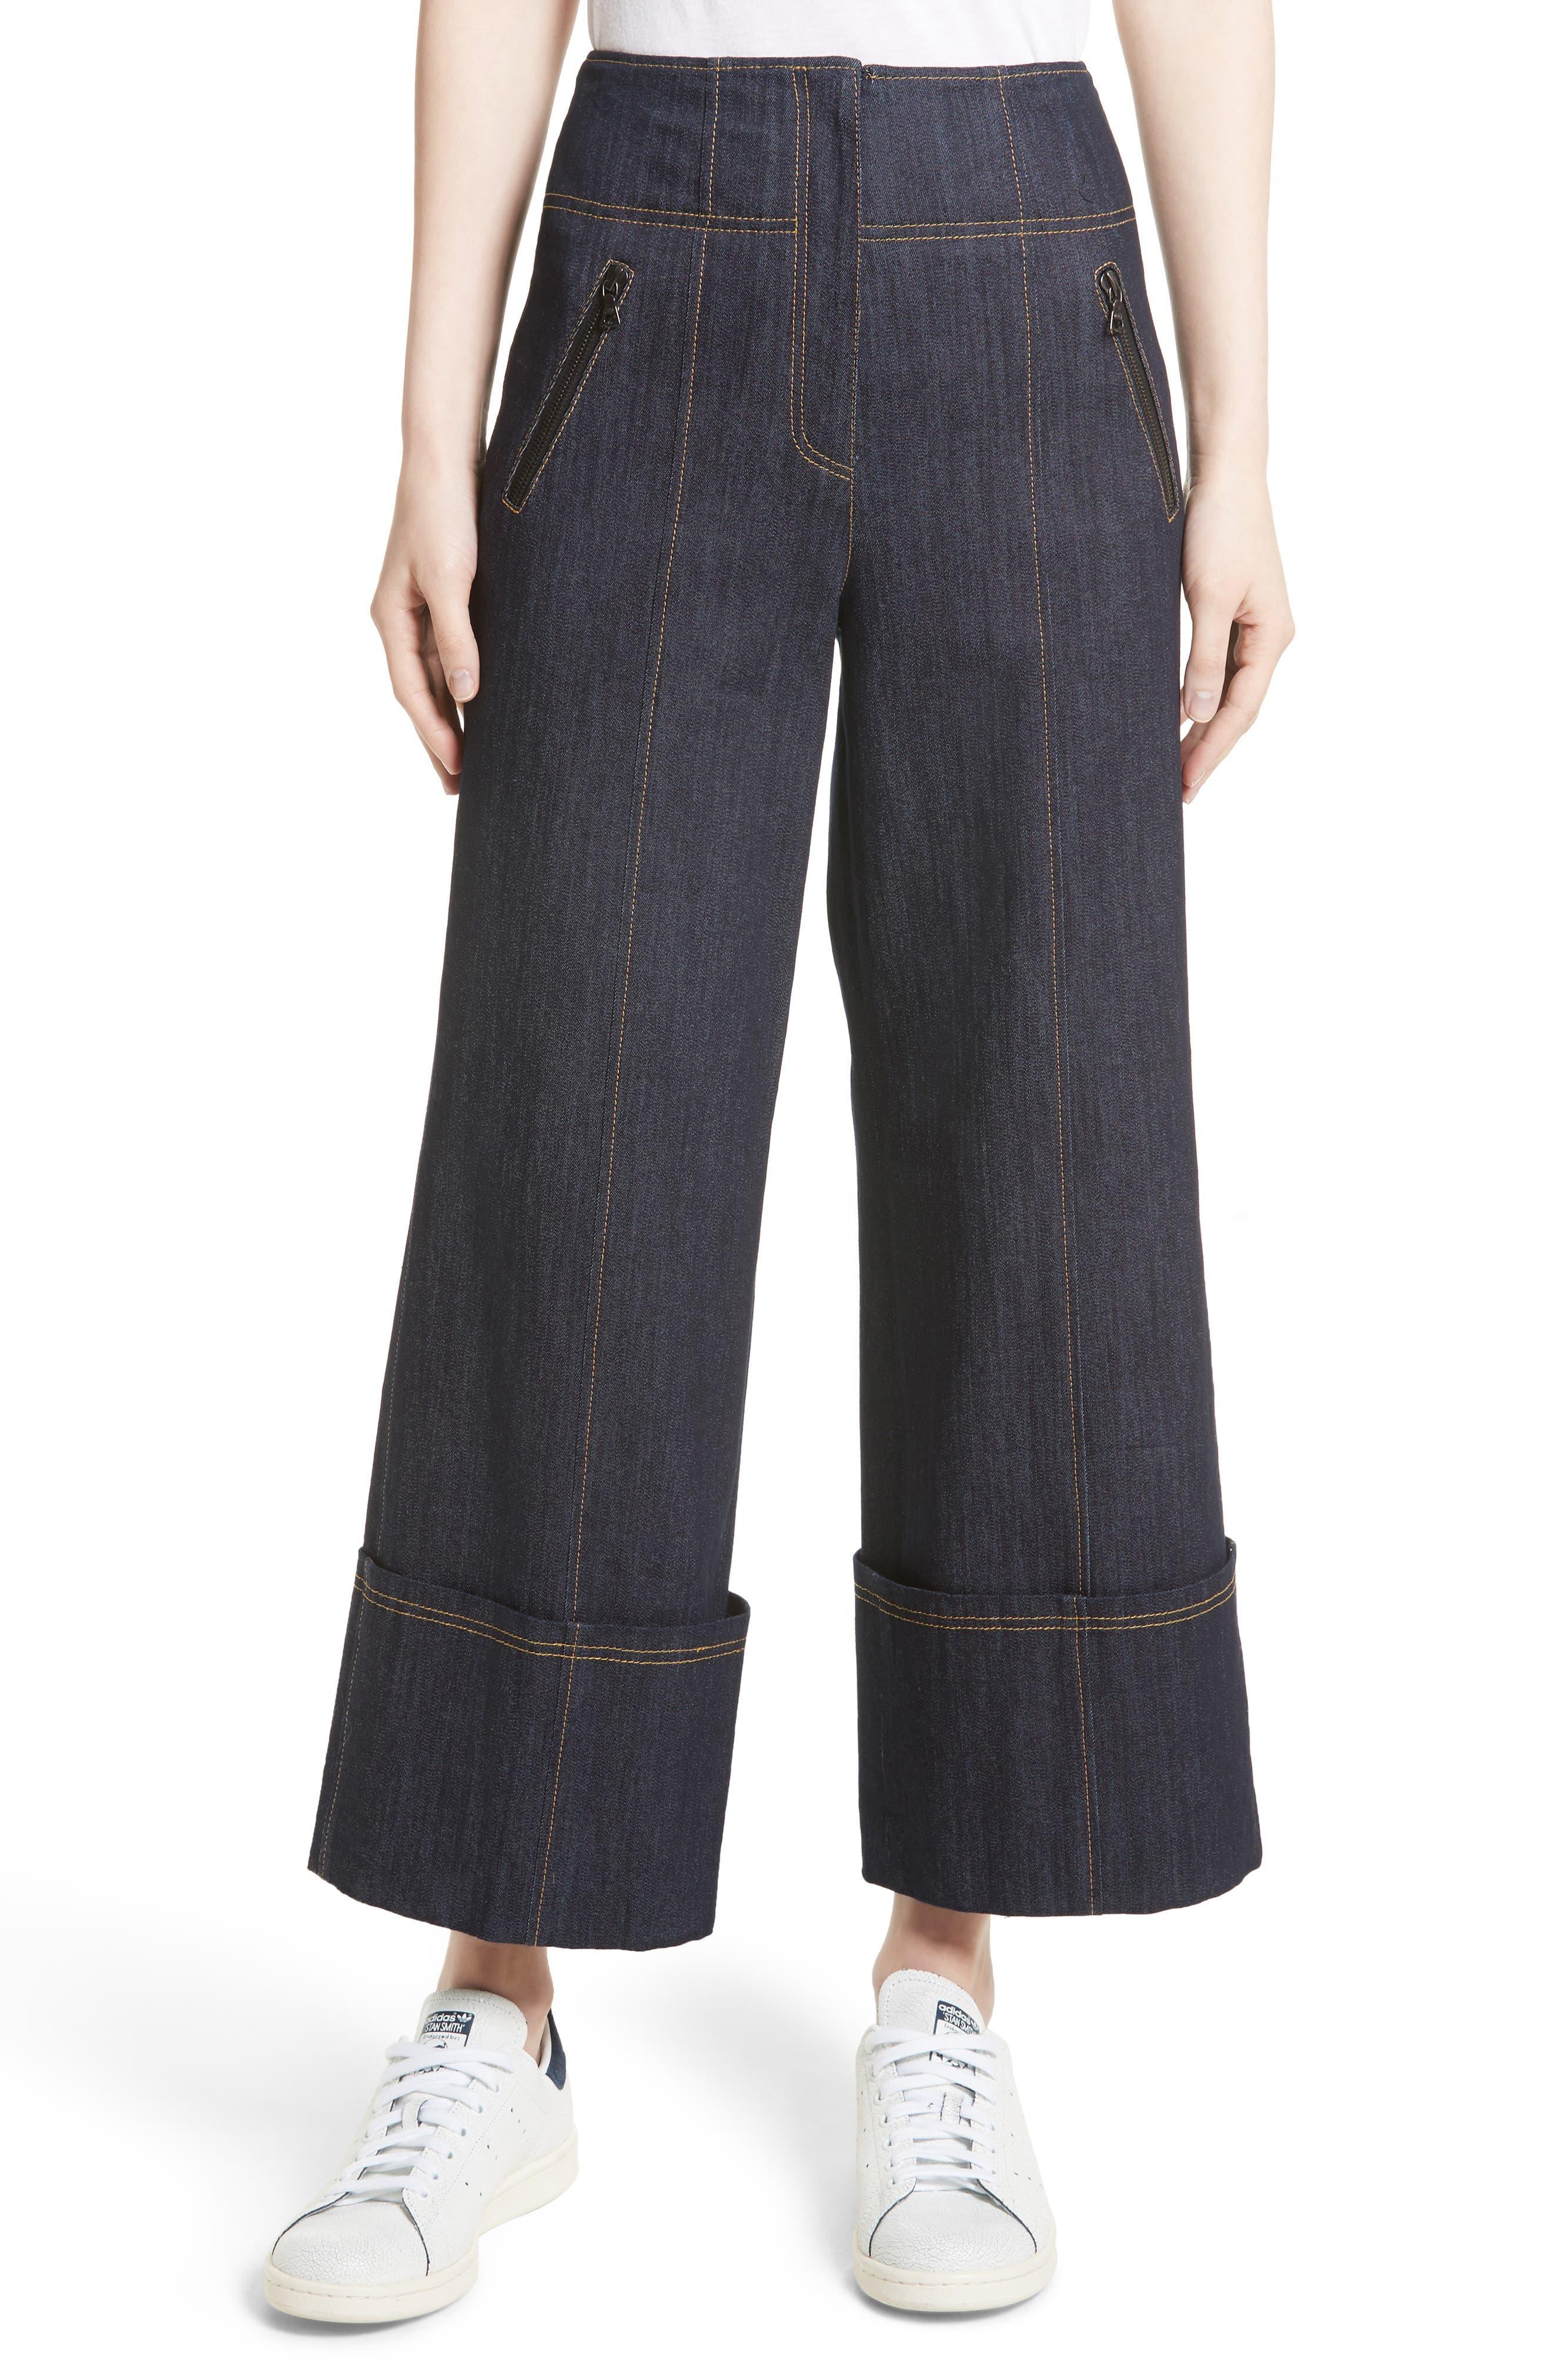 Marla Cuff Jeans,                         Main,                         color, Indigo